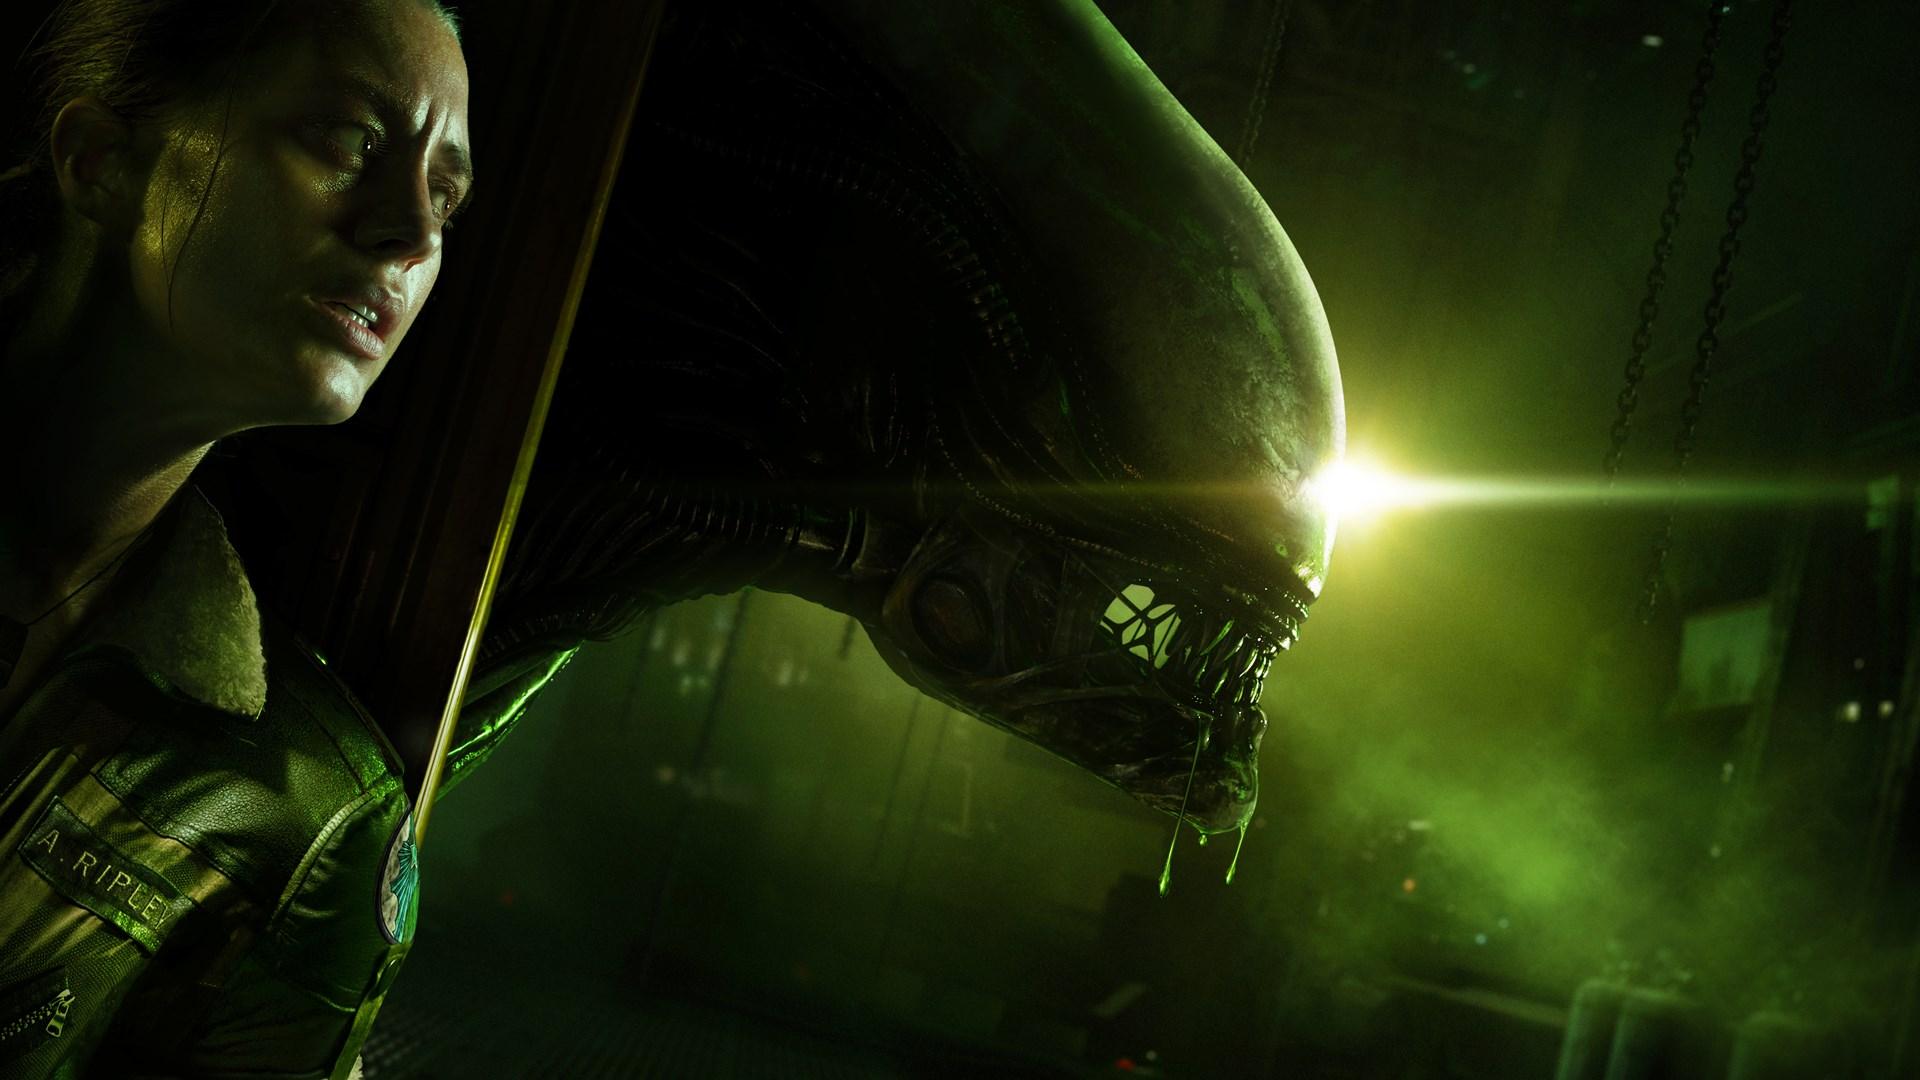 Hasil gambar untuk Alien isolation